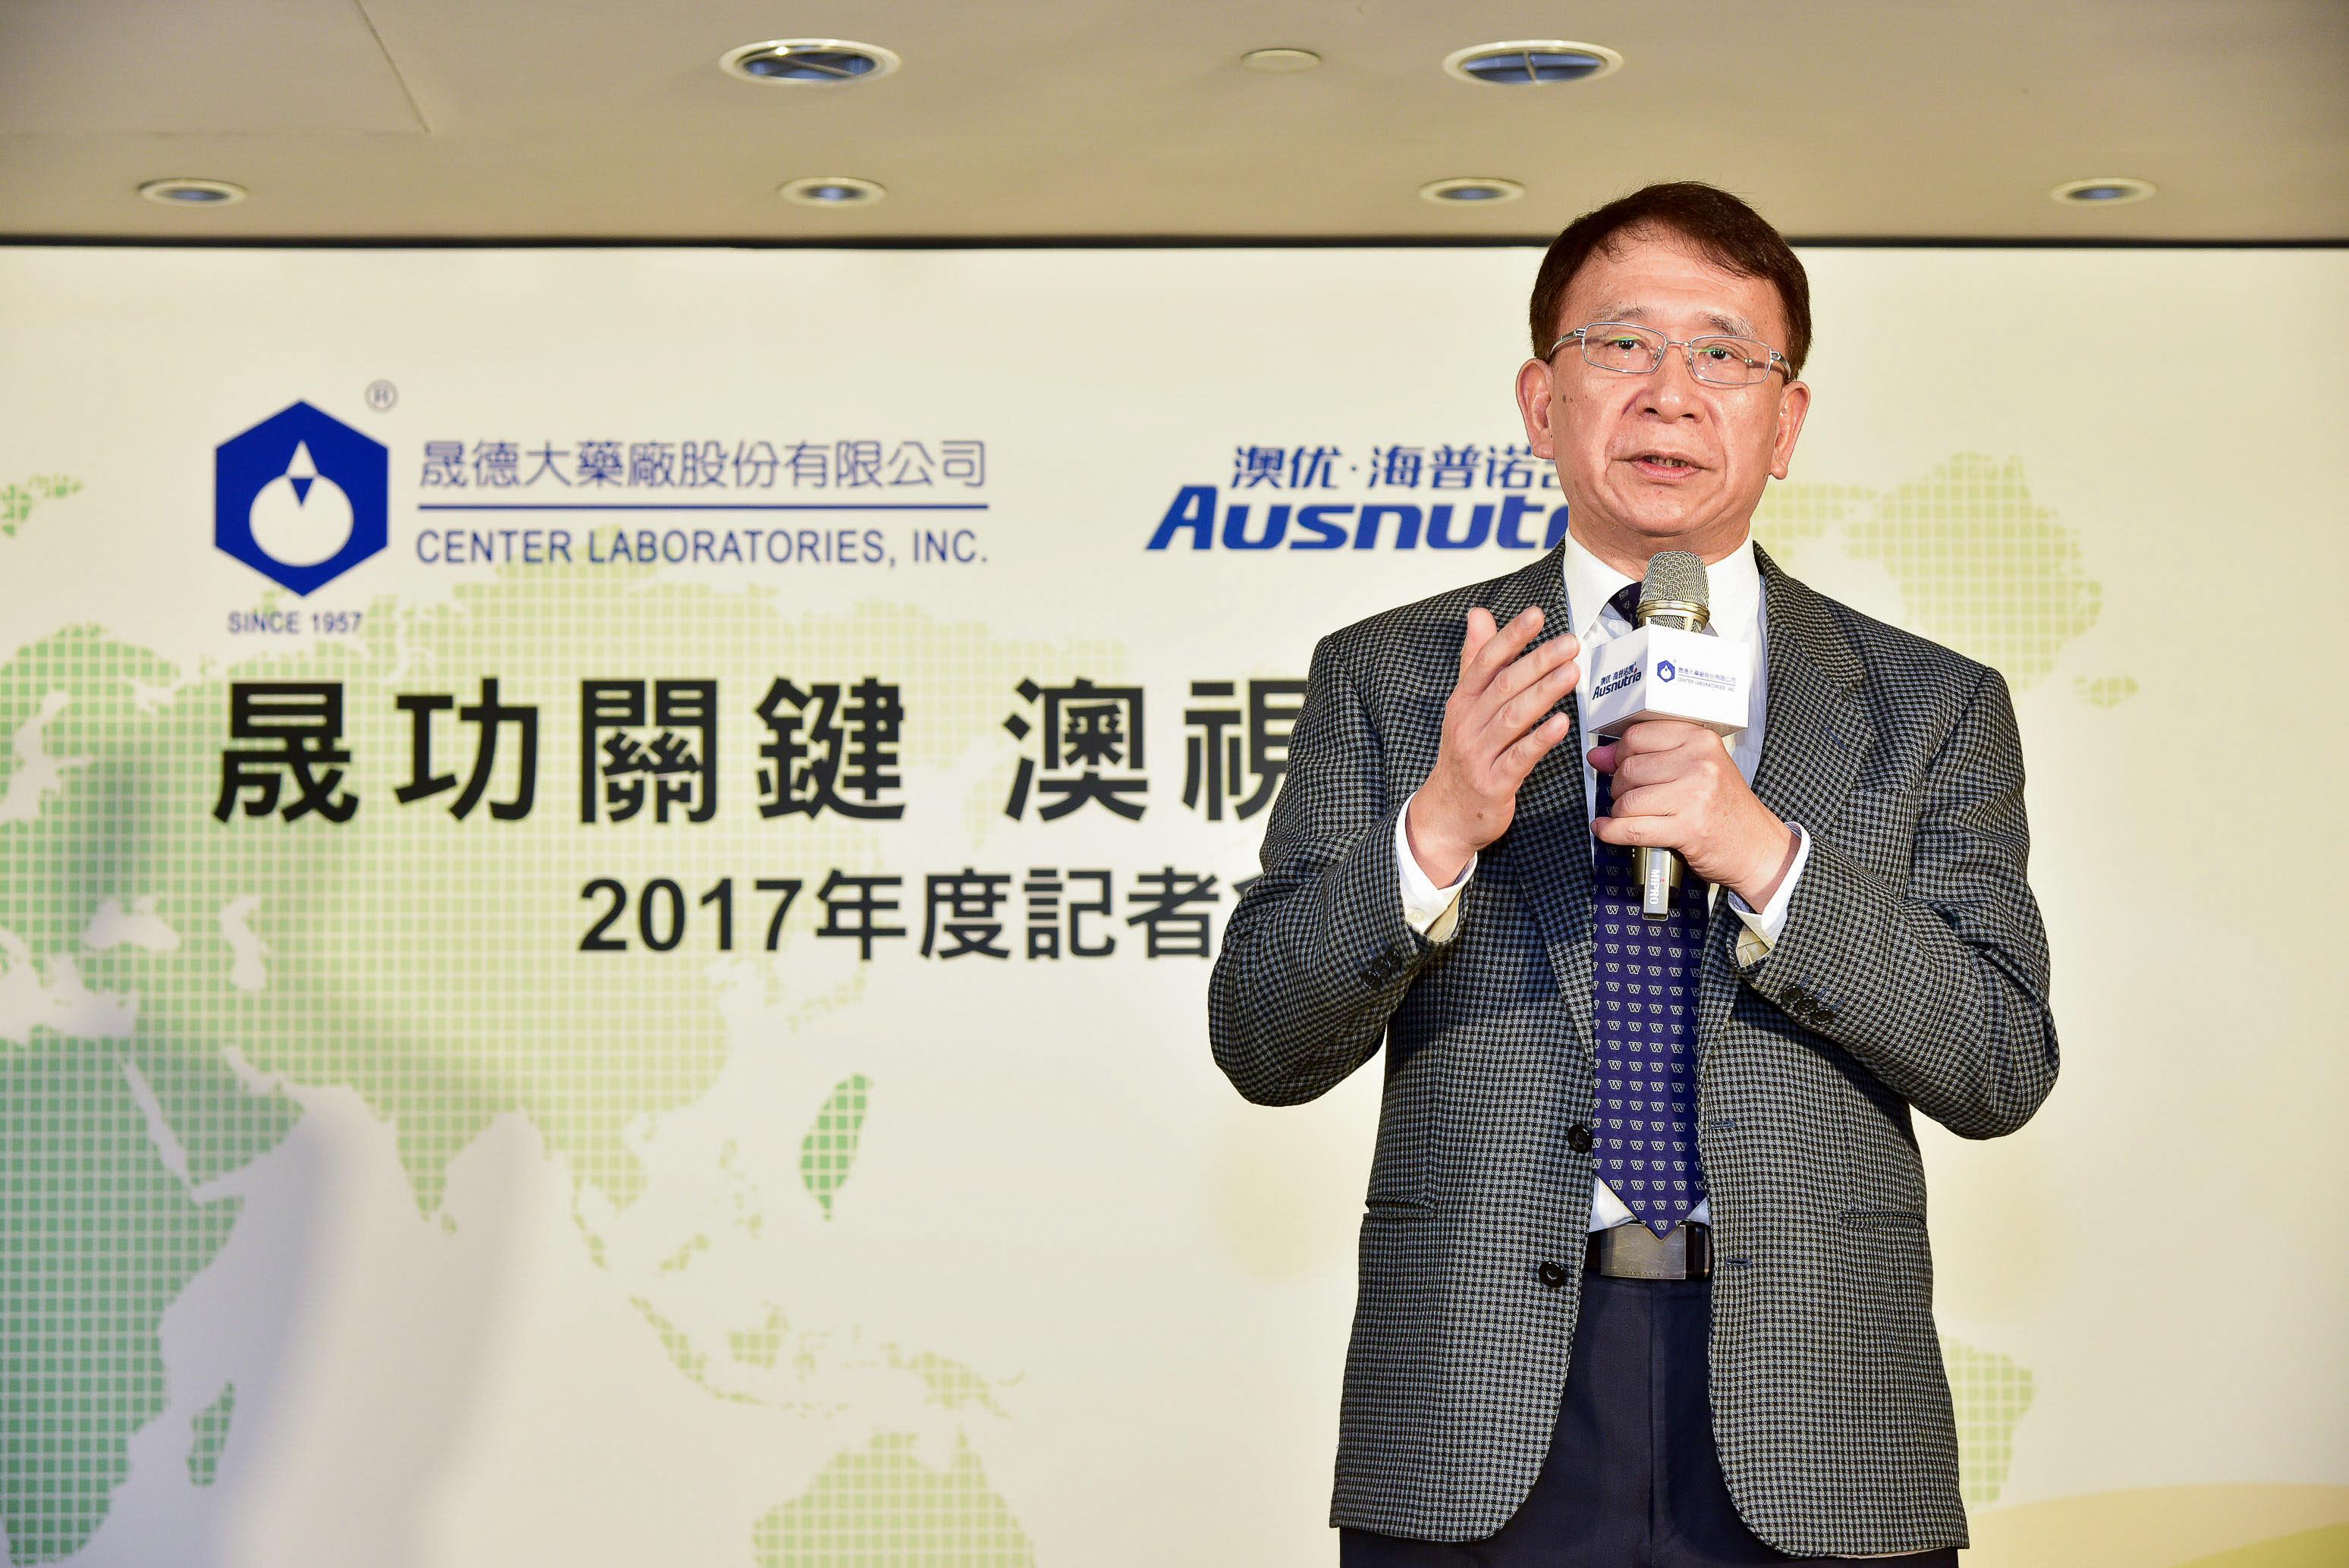 晟德藥業集團董事長林榮錦(圖由晟德藥業集團提供)